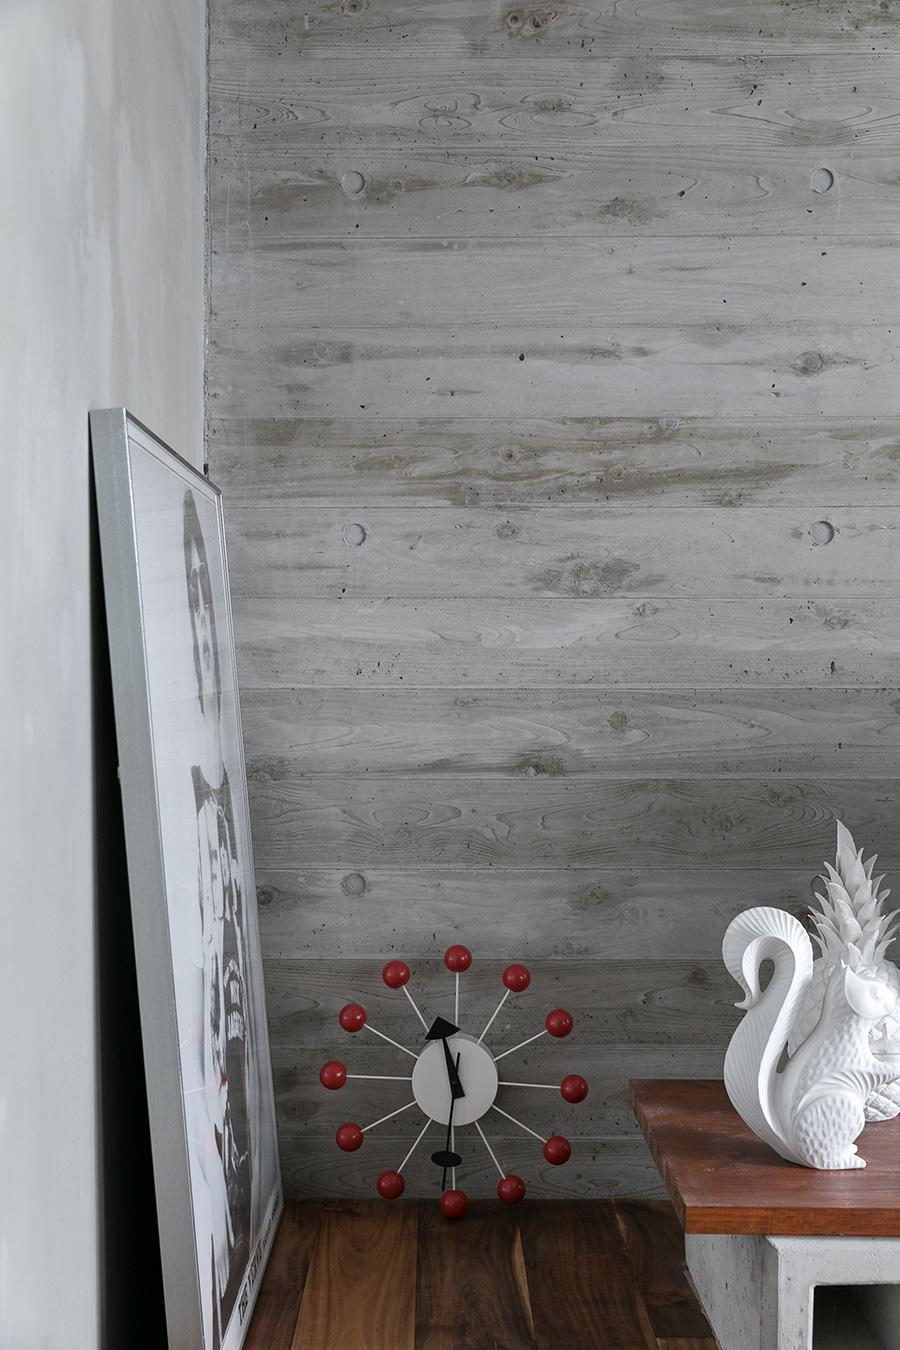 コンクリートの型枠を作る際、ツルリとしたコンパネではなく杉板を使うことで、流し込んだコンクリートに木目を浮かび上がらせることができる。